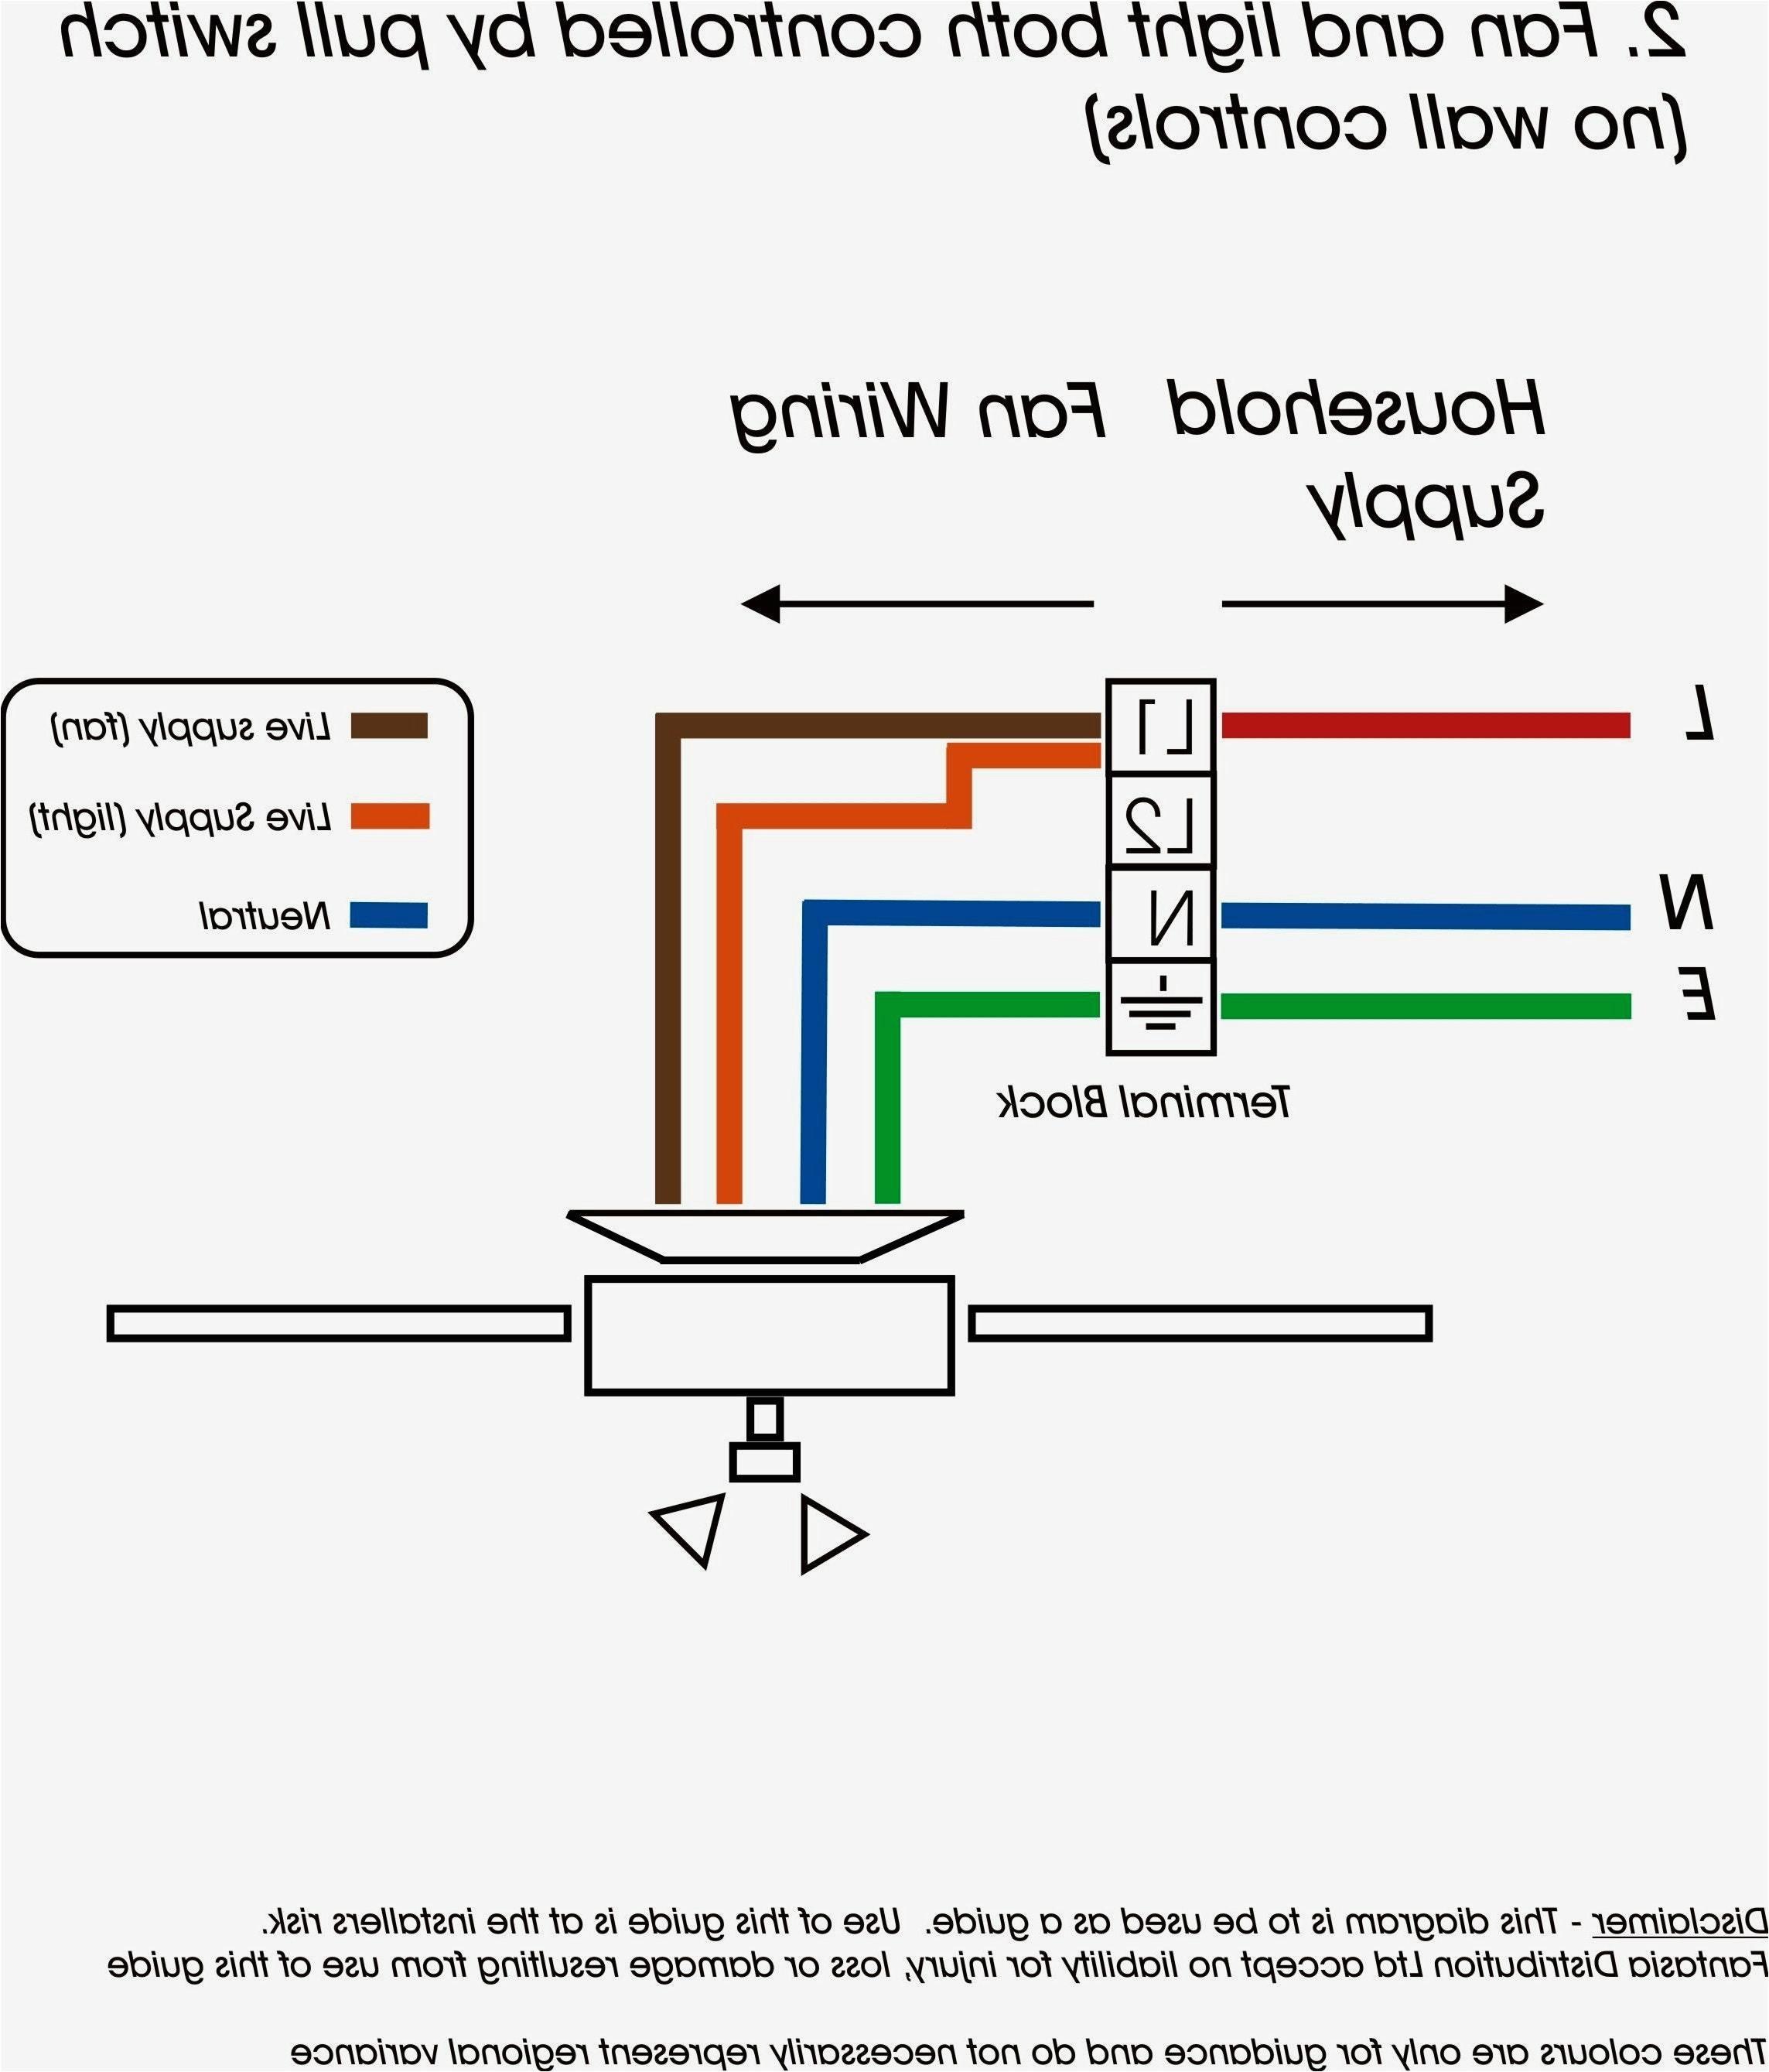 4 wire fan diagram wiring diagram3 wire dc motor diagram ngs wiring diagram3 wire dc motor